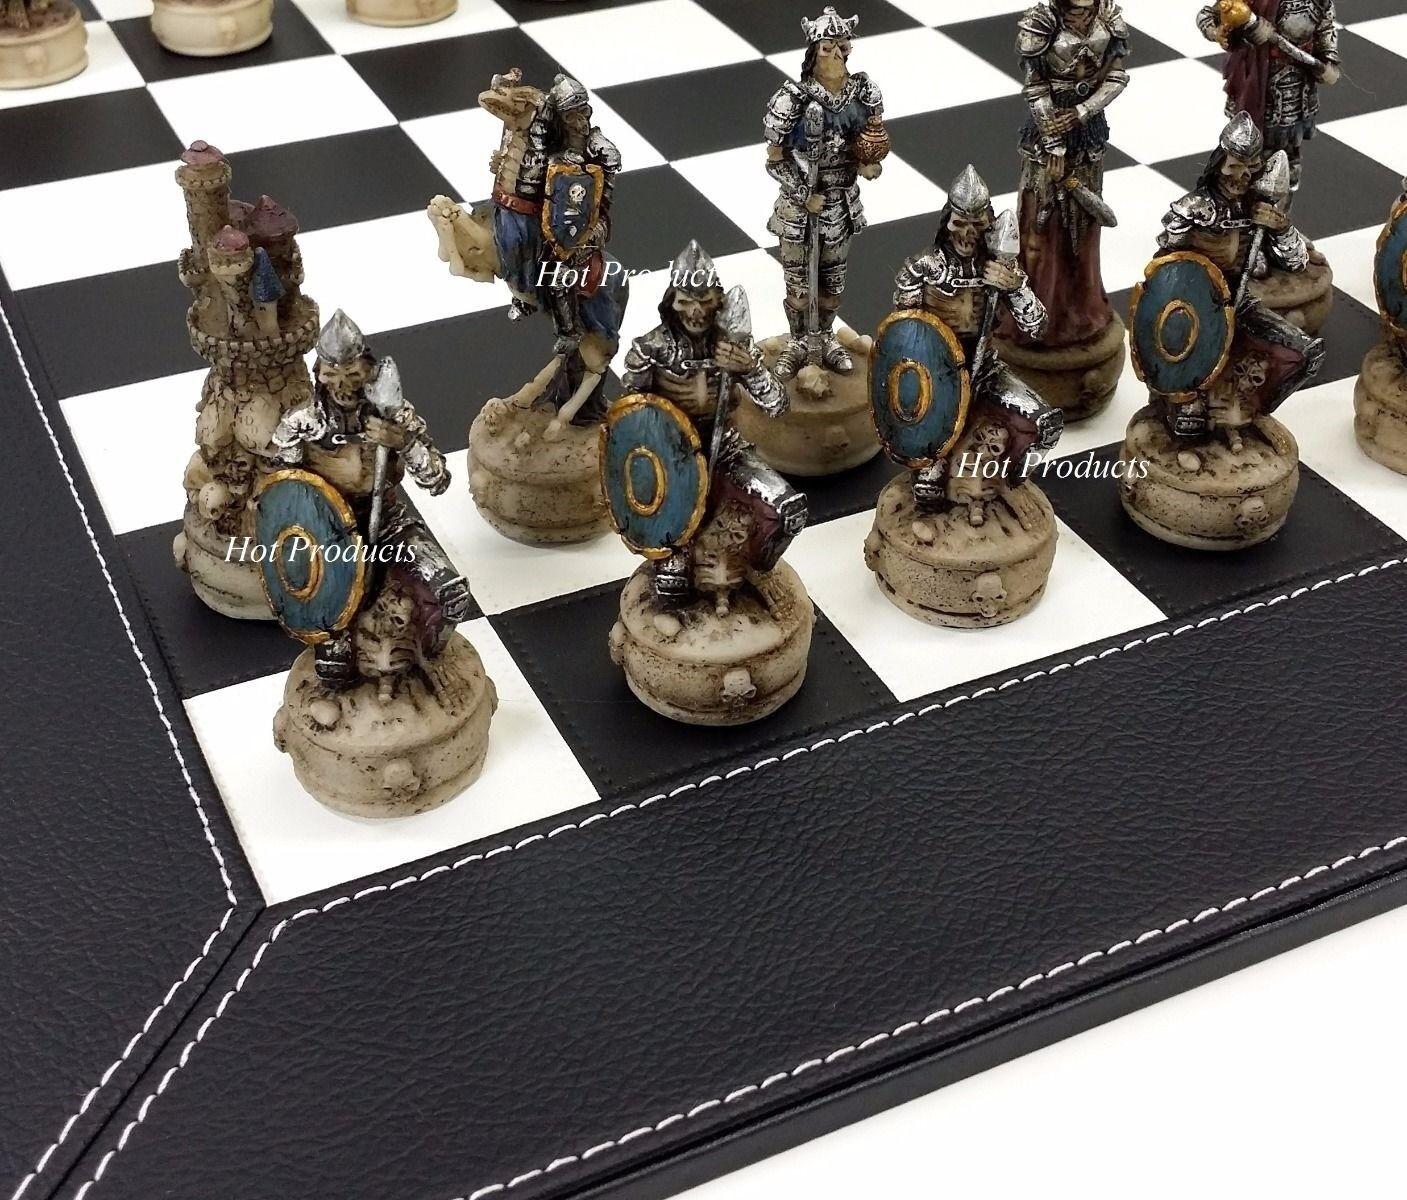 Squelette  Slayer Gothique Fantasy Crâne Chess Set avec Cuir Synthétique Noir Board  très populaire